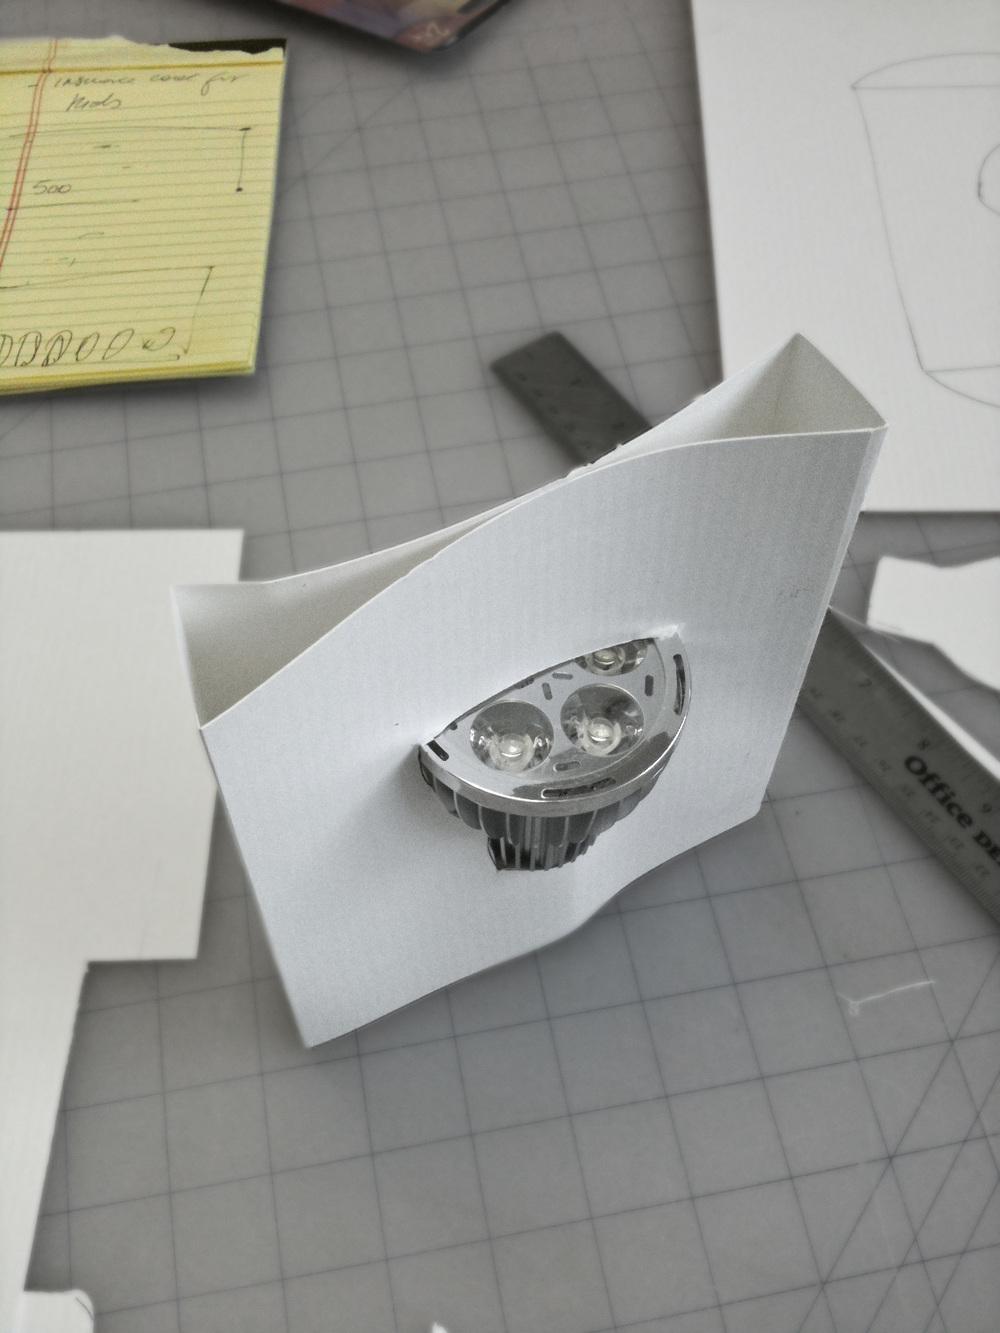 led-packaging-design-camilo-rojas-POW (3).jpg